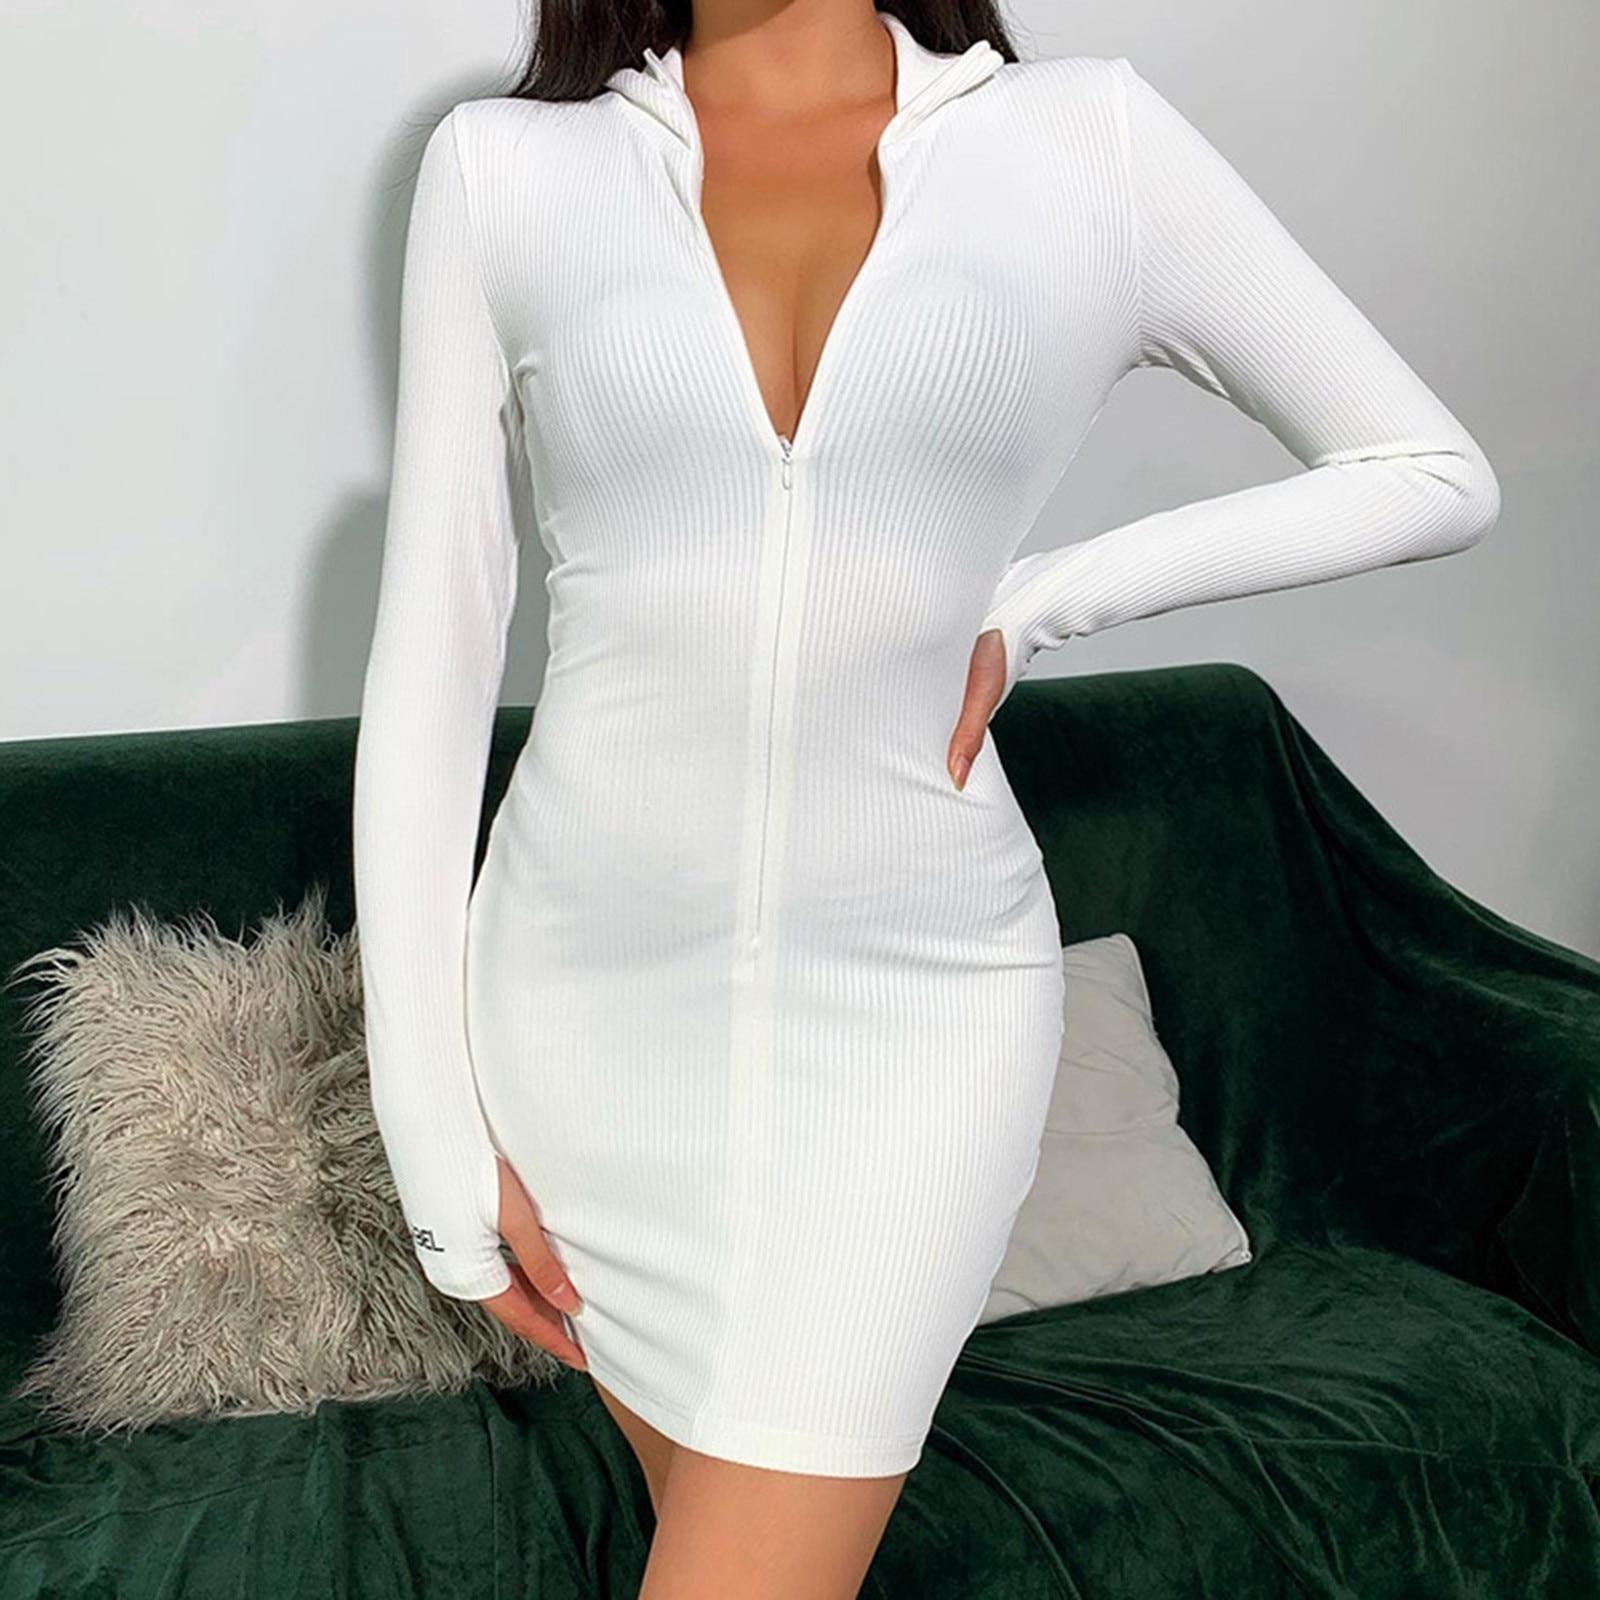 Sexy Frauen Bodycon Kleid Full Zip Up Weiß Verband Kleid Langarm Sommer Kleidung Sommerkleider Für Frauen